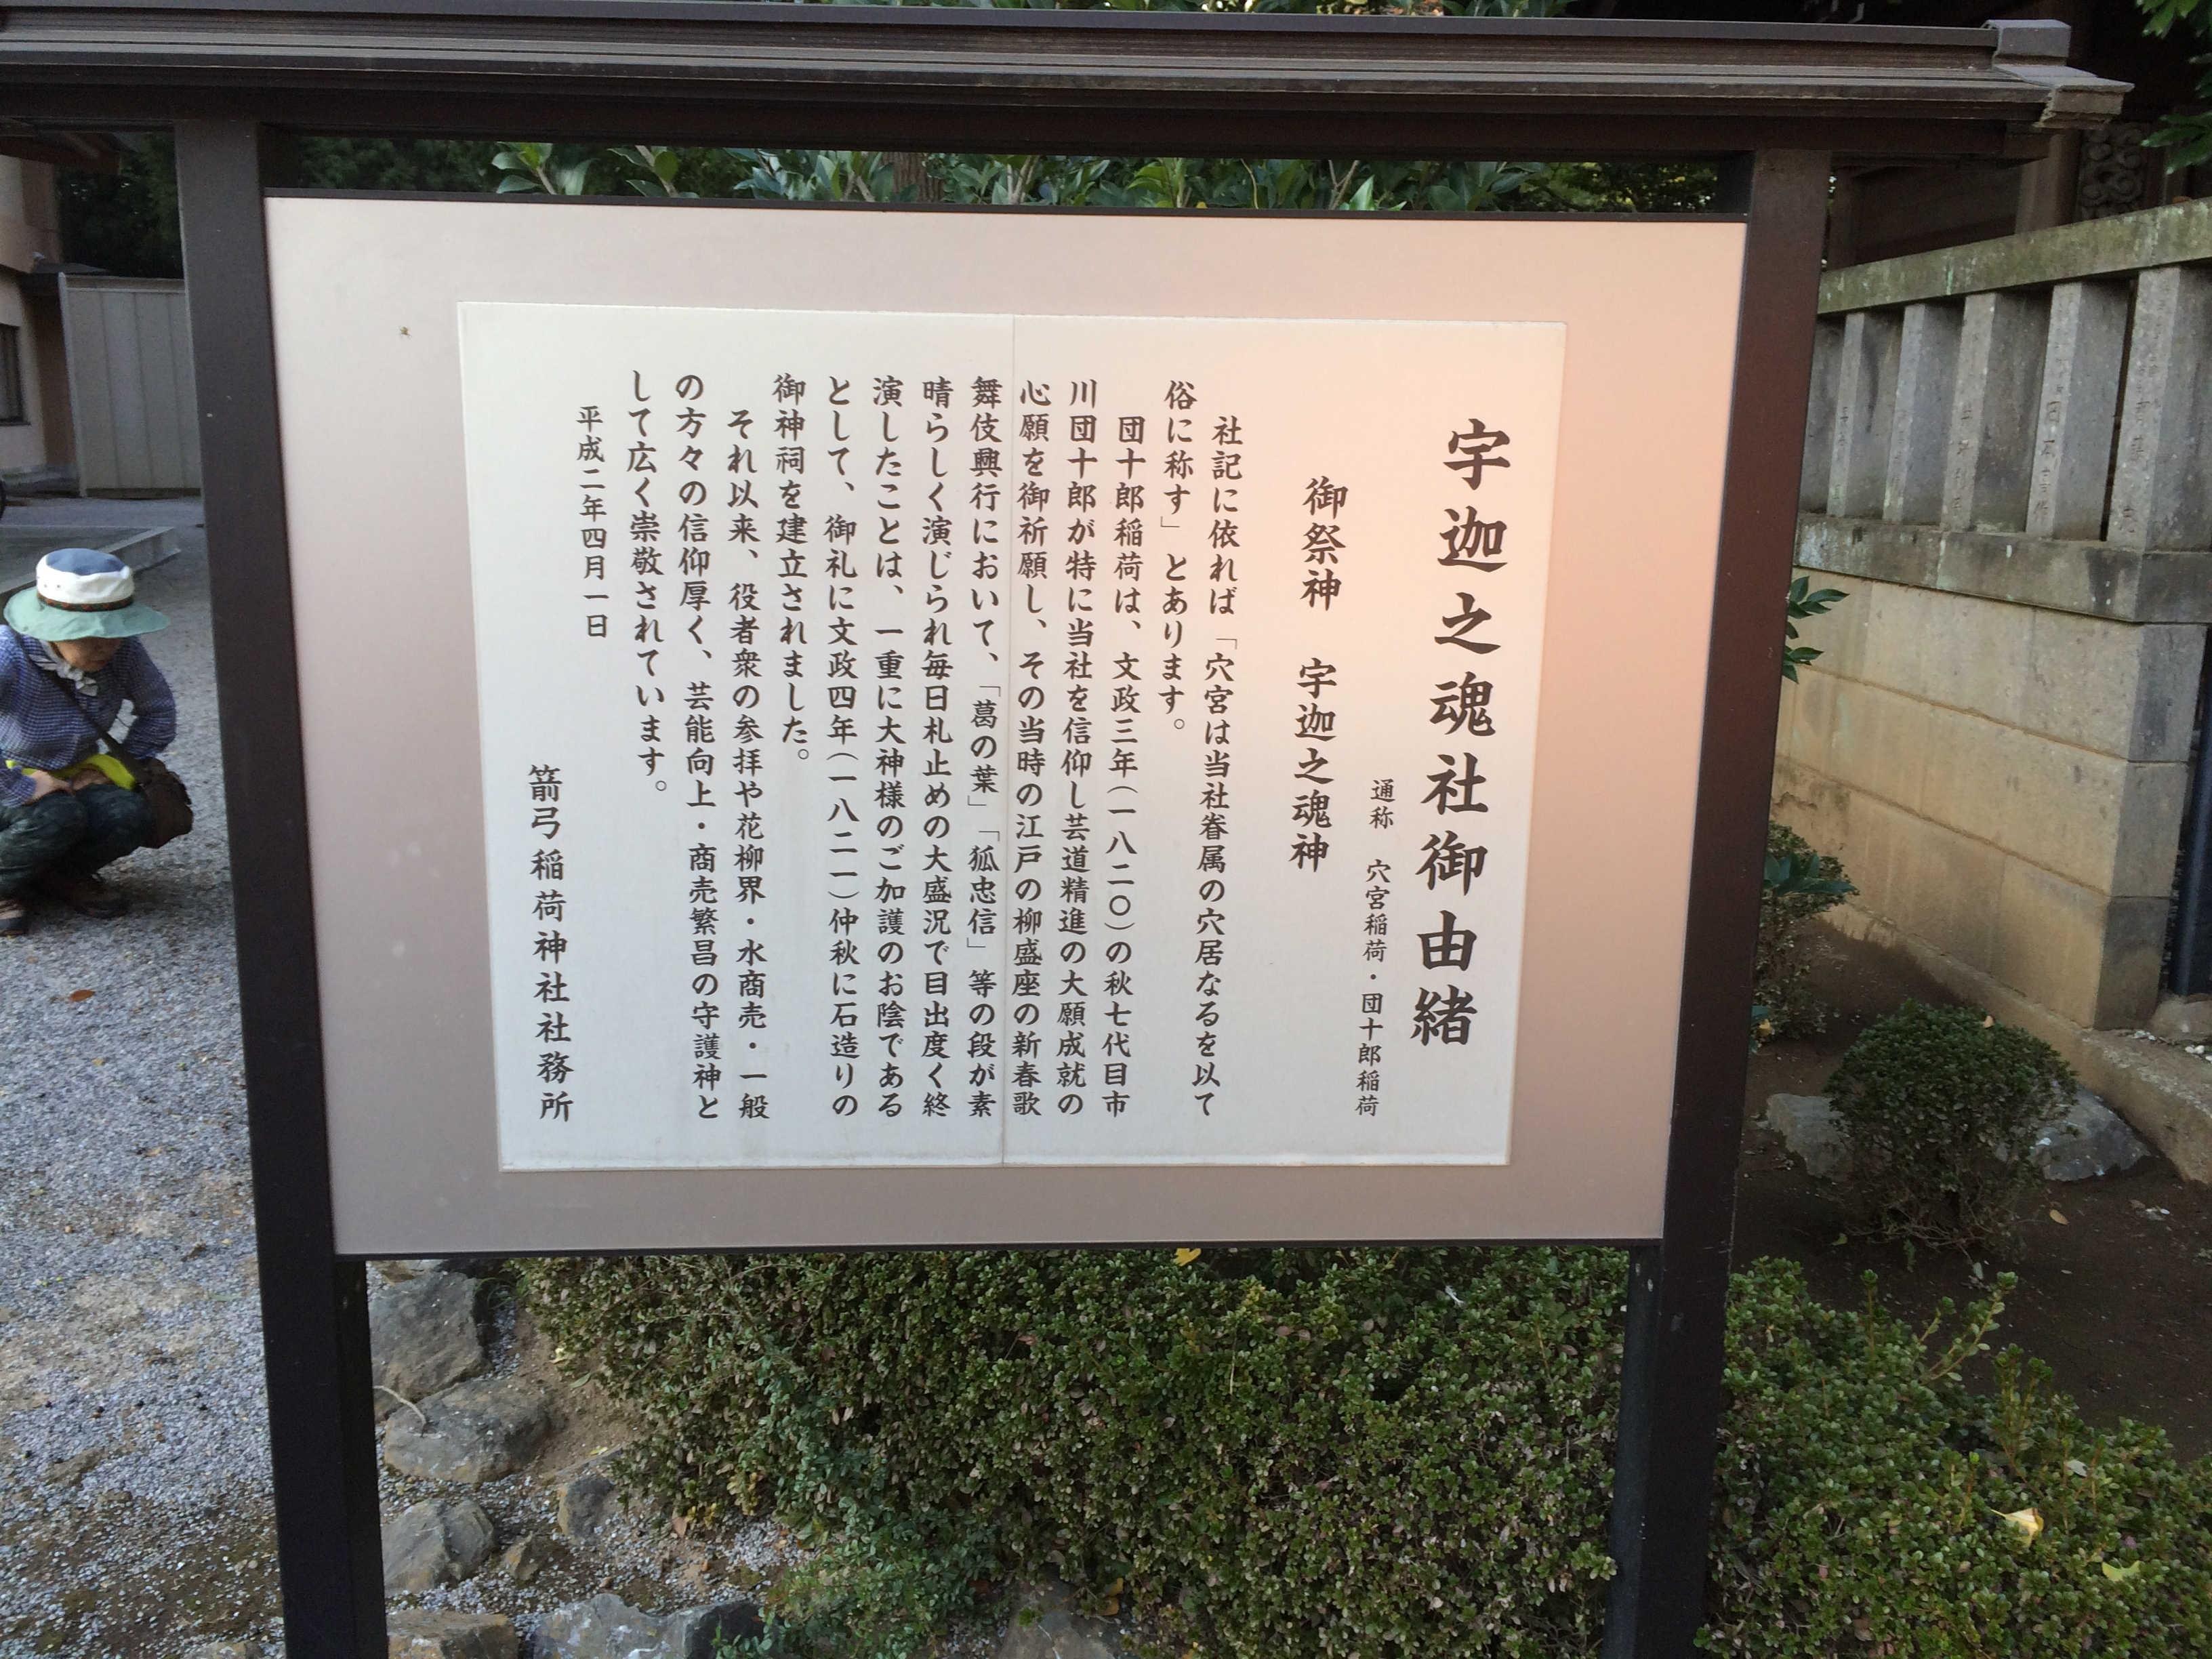 宇迦之魂社御由緒